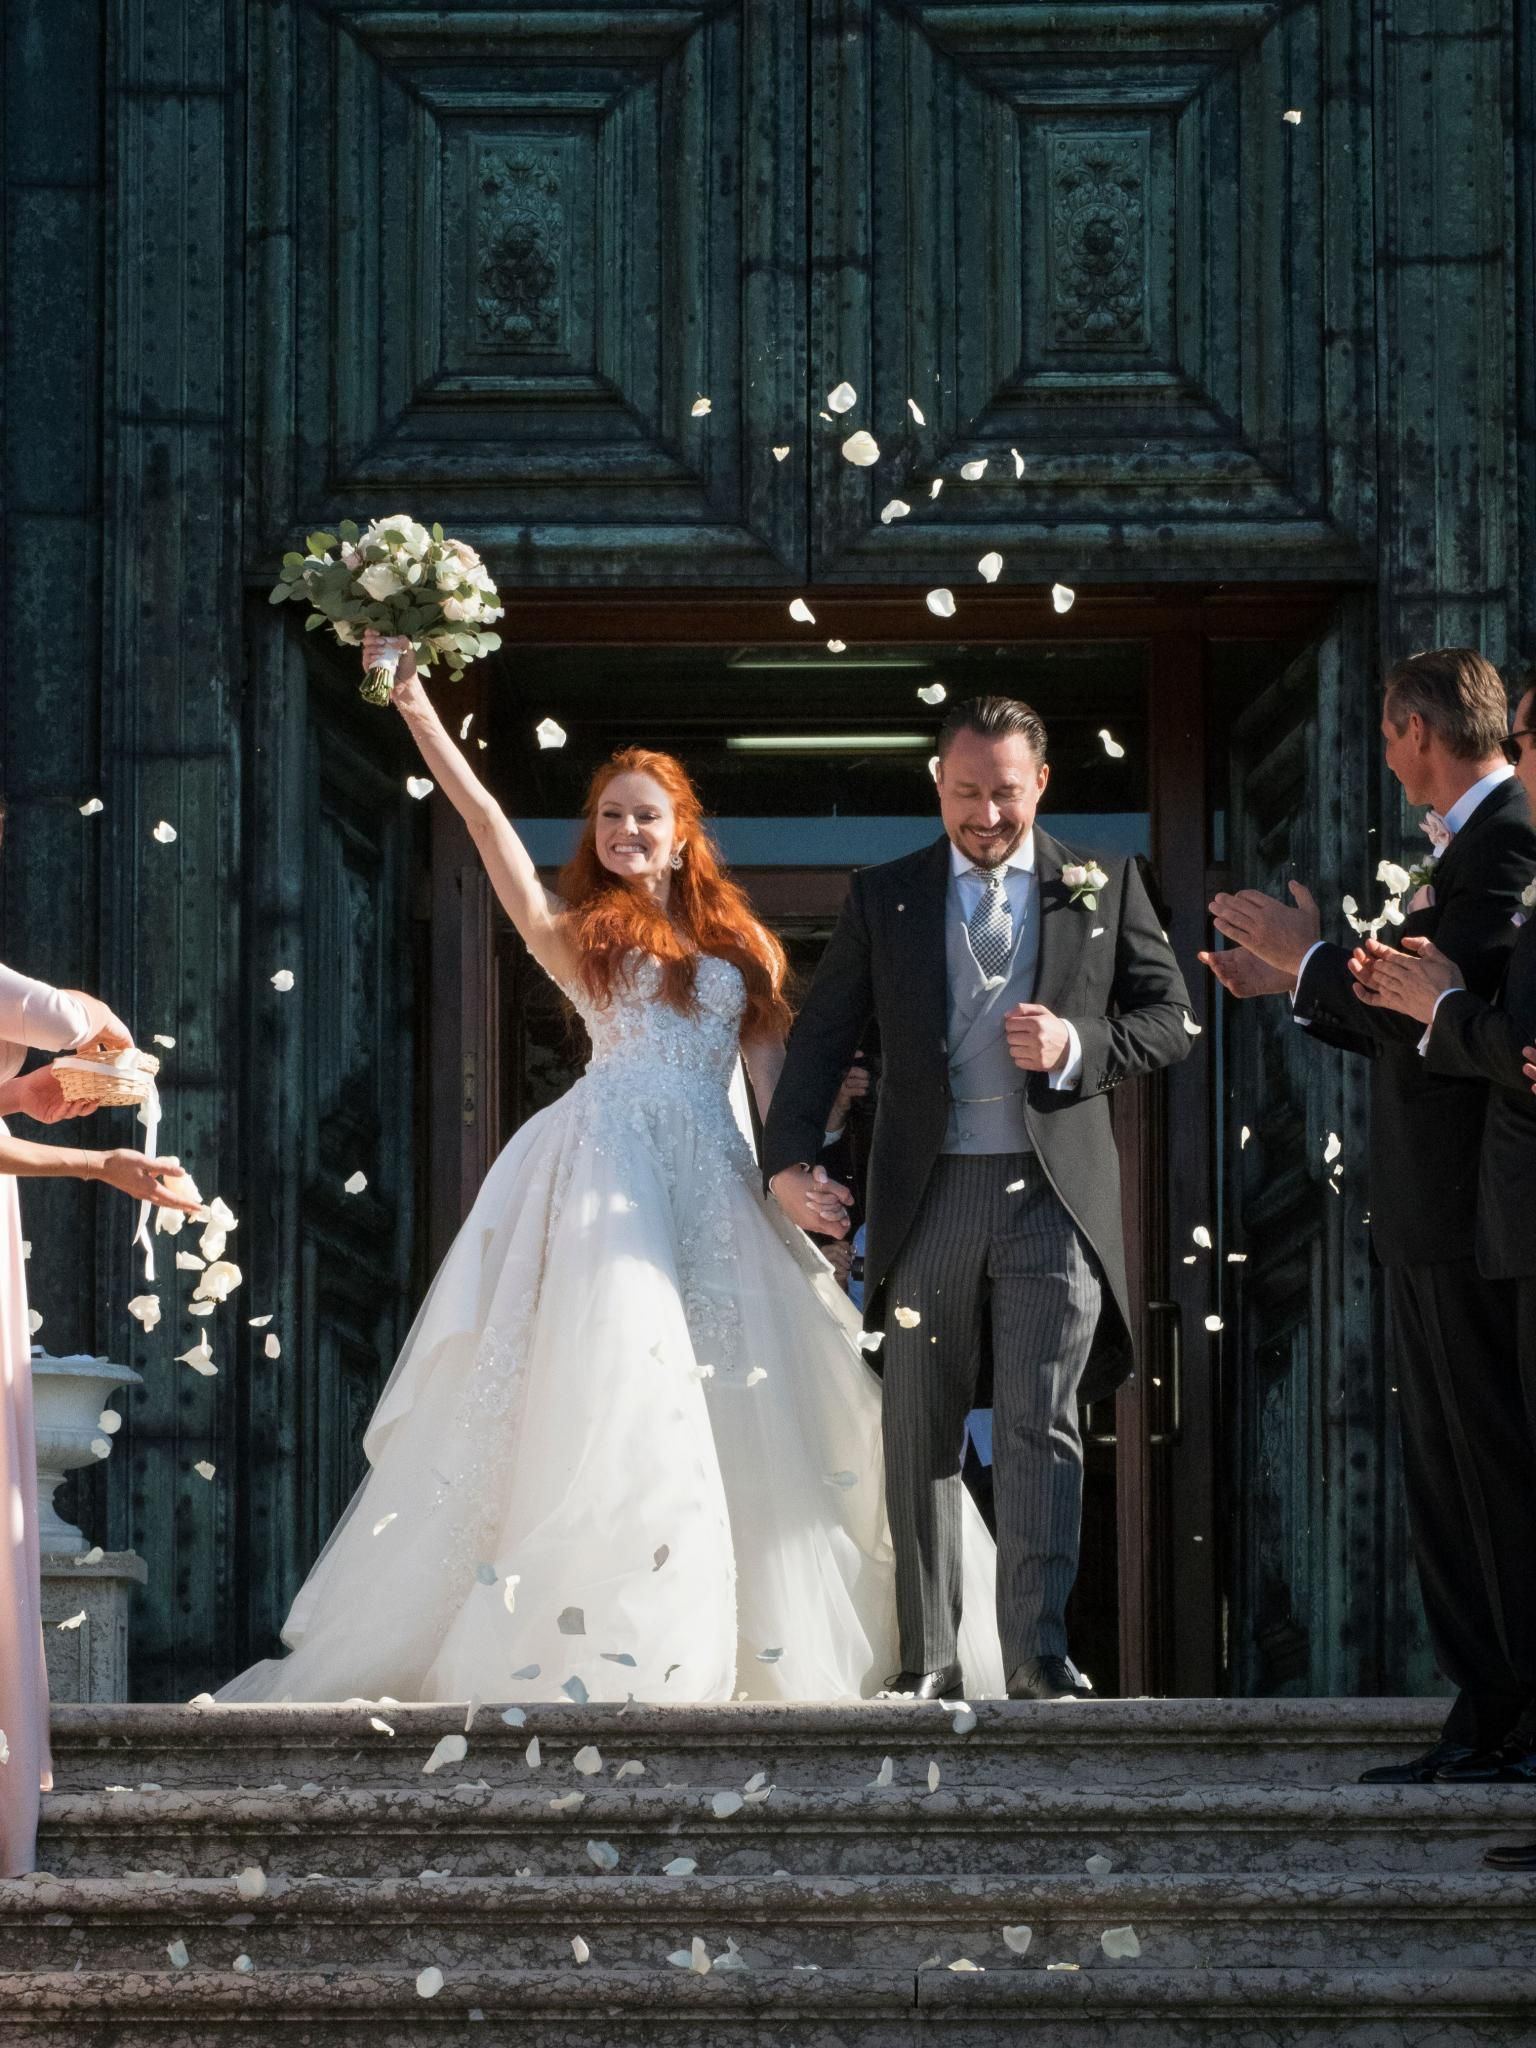 Bride Of The Week Barbara Meier Beautiful Wedding Dresses Celebrity Bride Bride